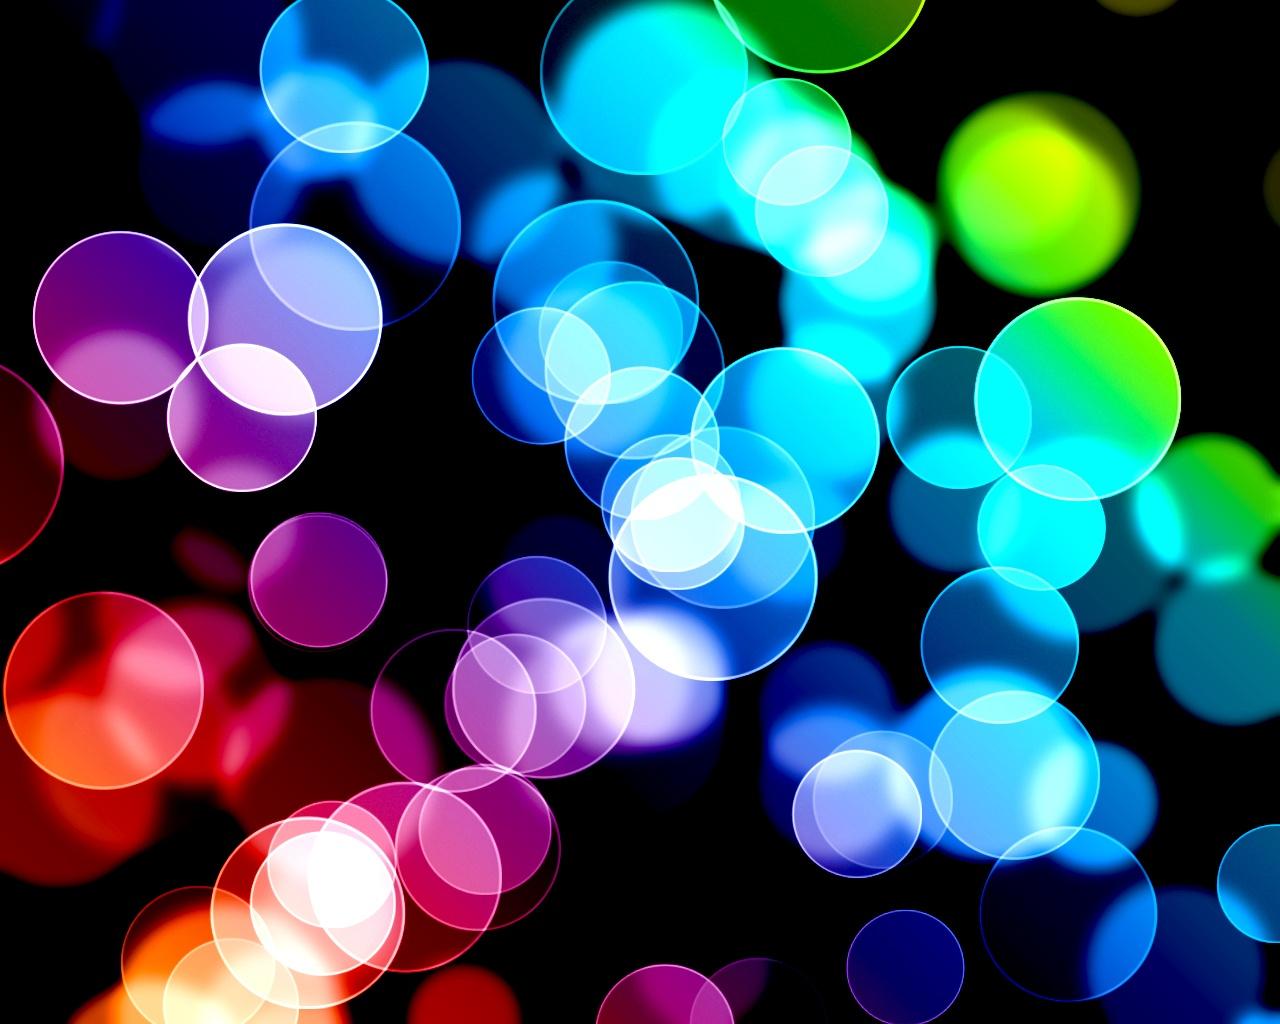 Fondos De Colores Bonitos Y Vivos